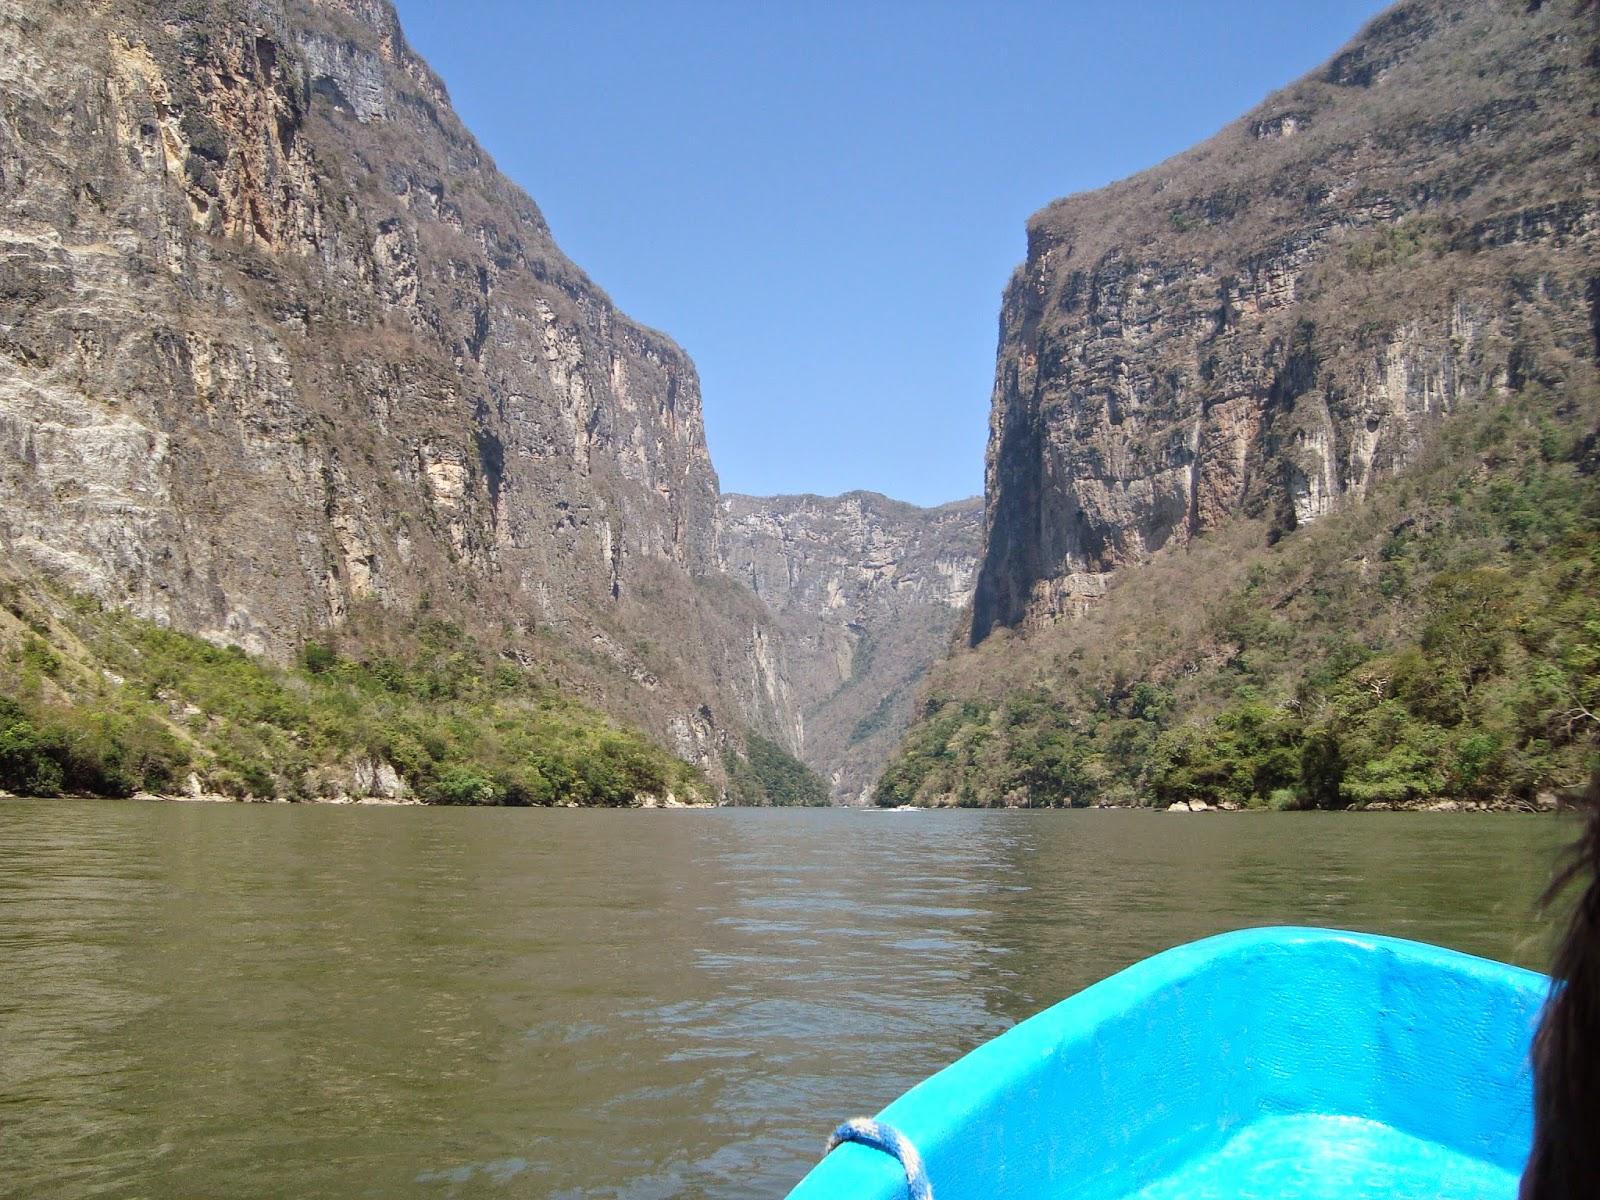 Chiapas, Cañón del Sumidero